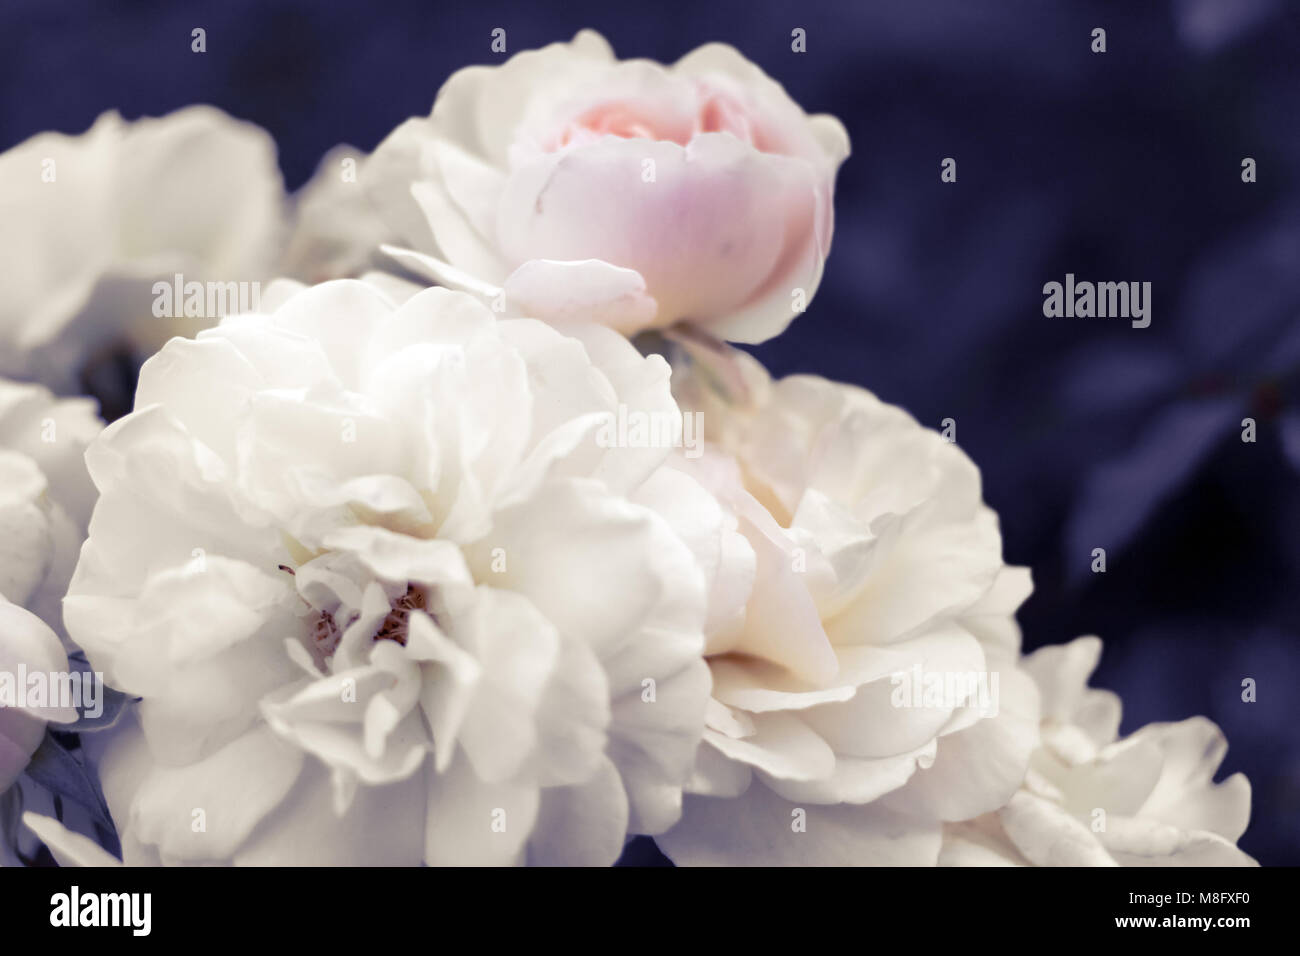 Delicato Colore Viola Pallido pallido delicato bianco-rosa rose sul surreale viola sfocata